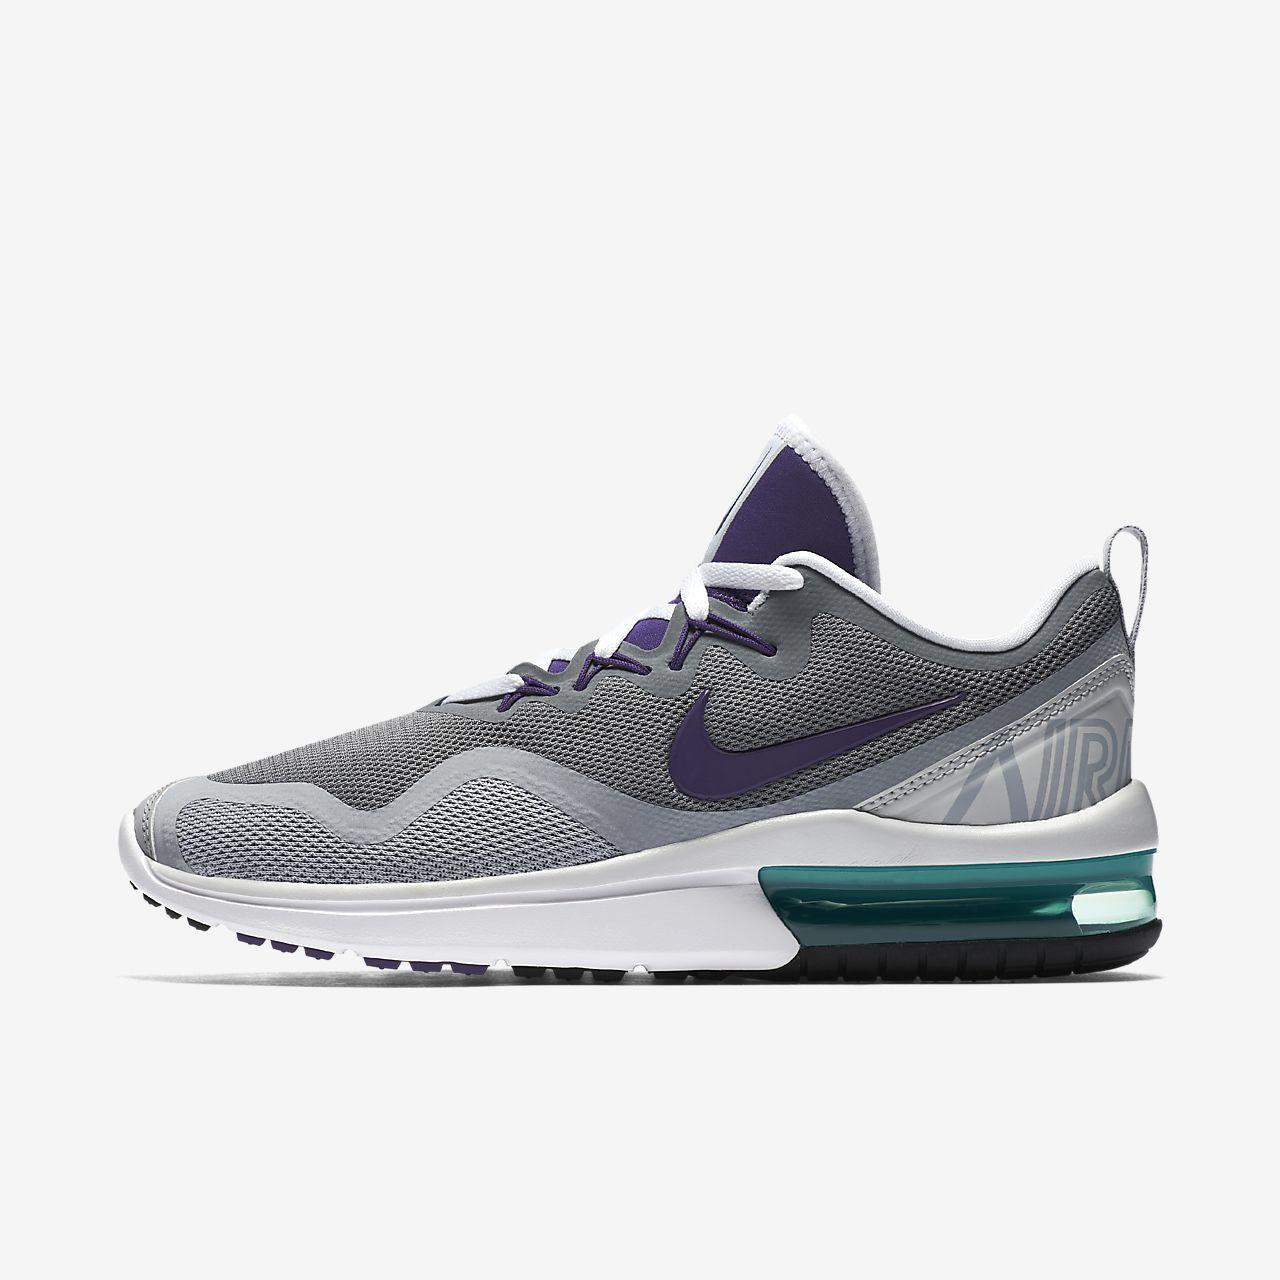 ... Chaussure de running Nike Air Max Fury pour Femme